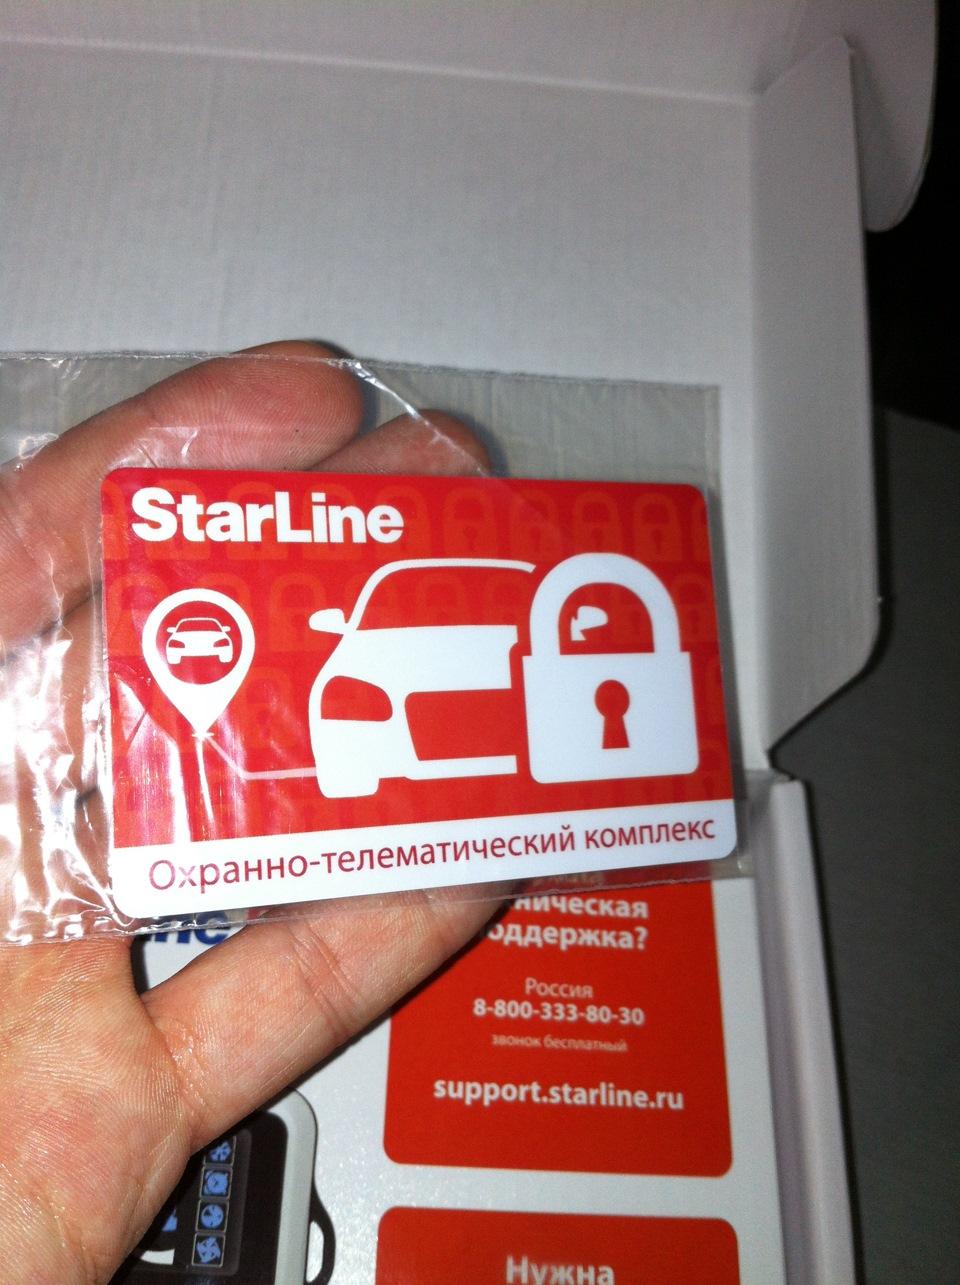 сигнализация старлайн е90 инструкция для установки кан